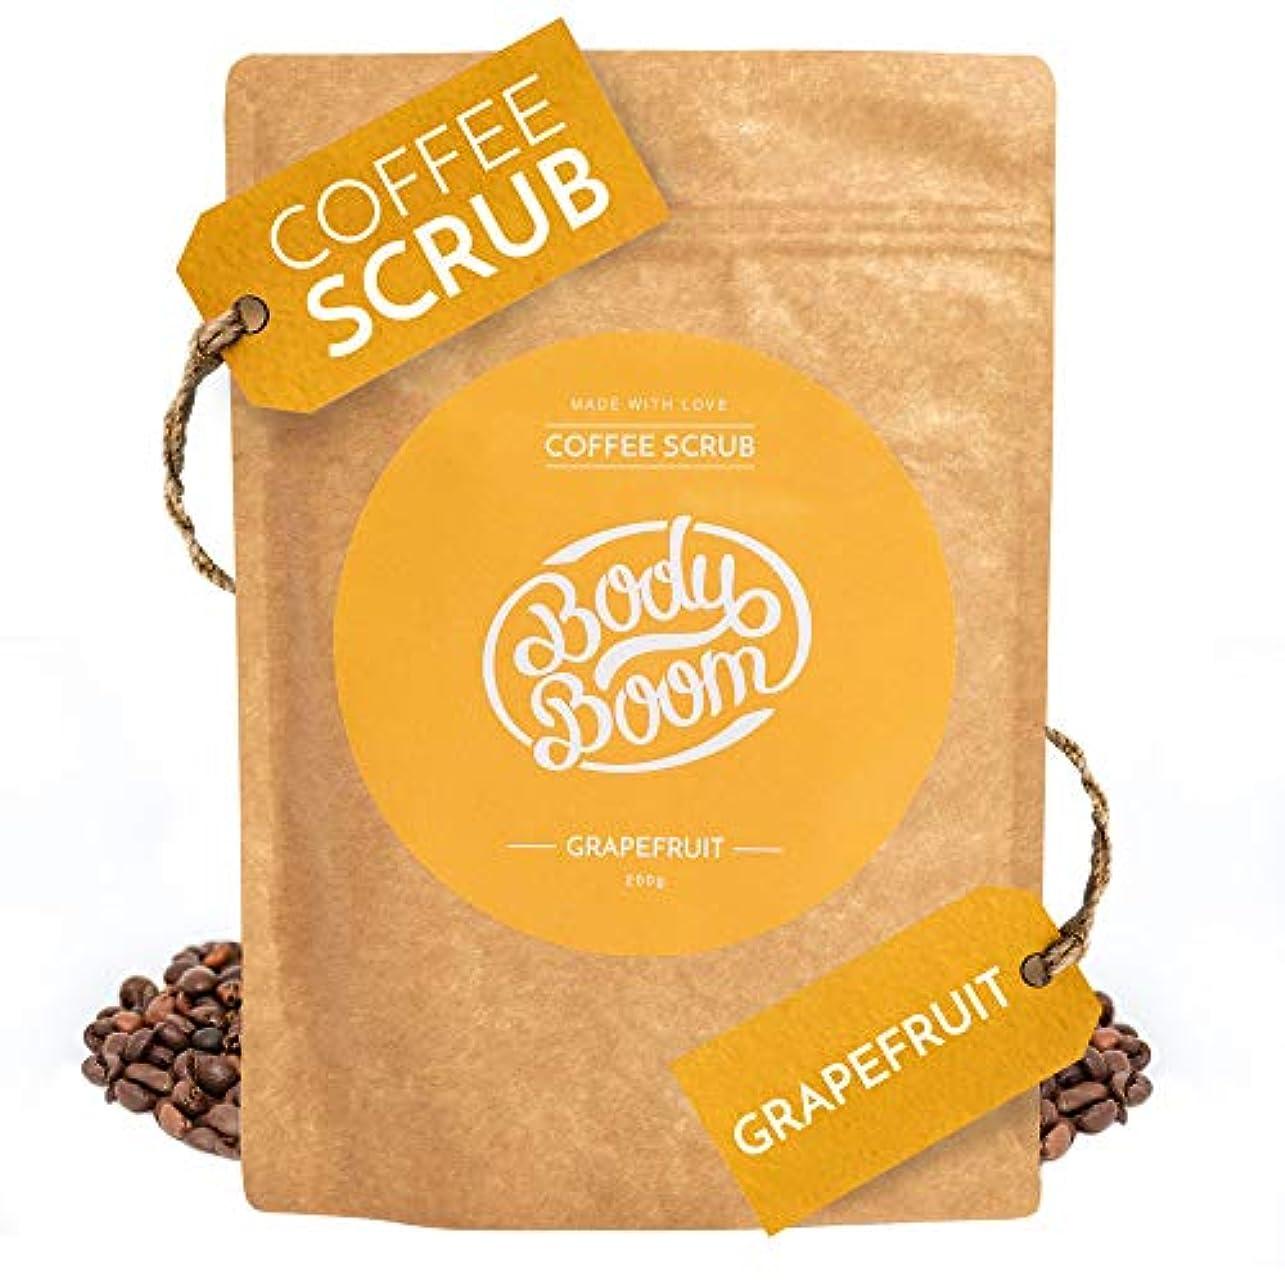 誇りフェロー諸島地下室コーヒースクラブ Body Boom ボディブーム グレープフルーツ 200g